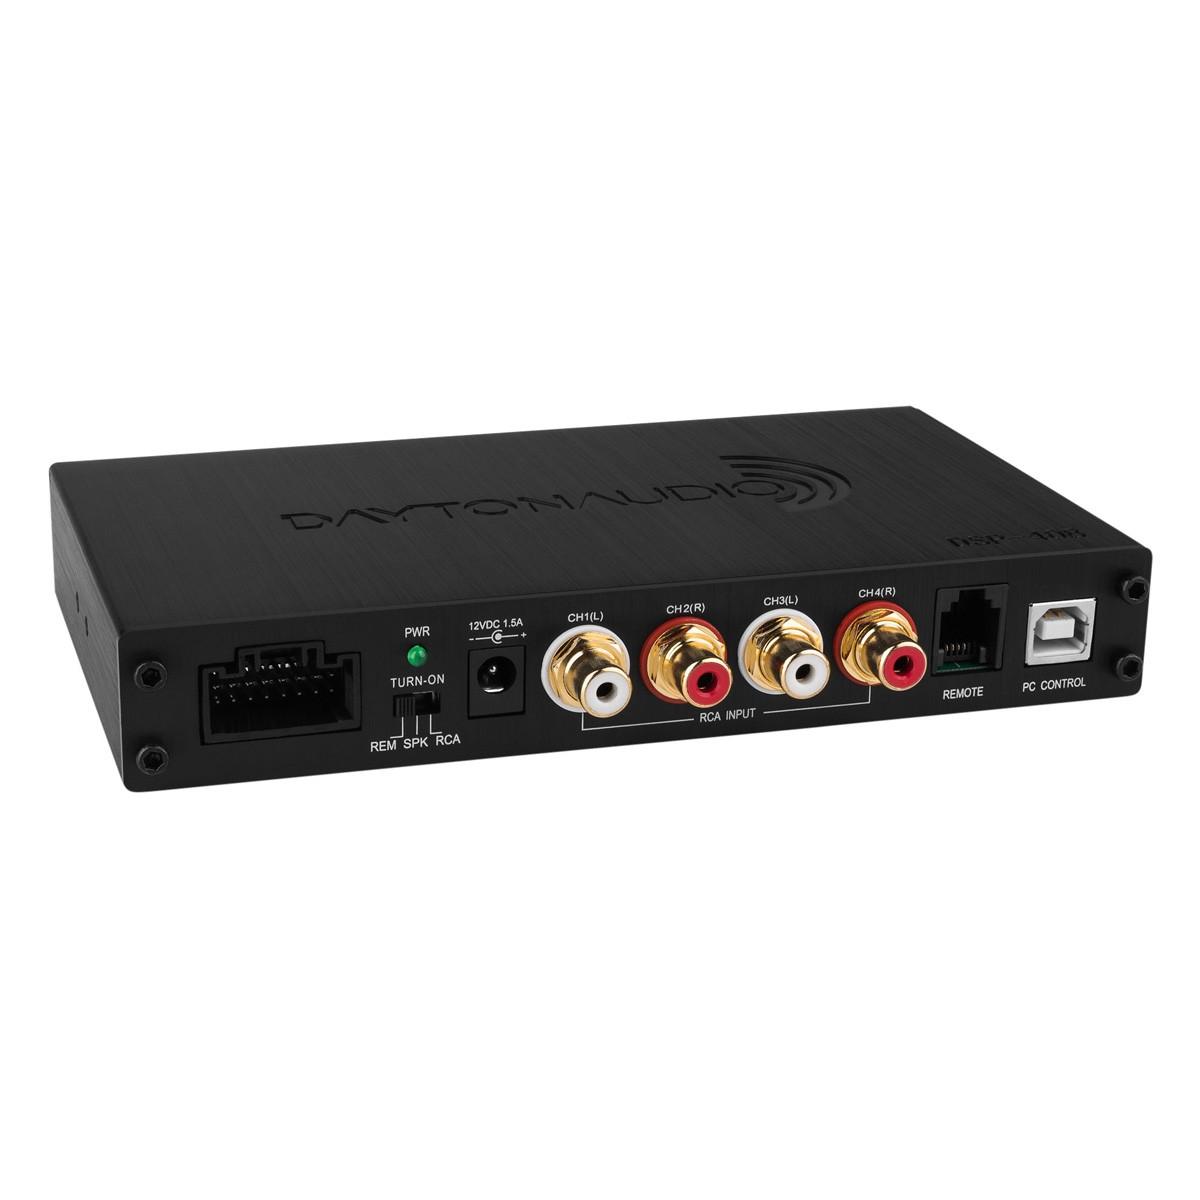 DAYTON AUDIO DSP-408 4x8 Processeur audio Numérique DSP ADAU1701 SigmaDSP 25/56bit 4 vers 8 Canaux